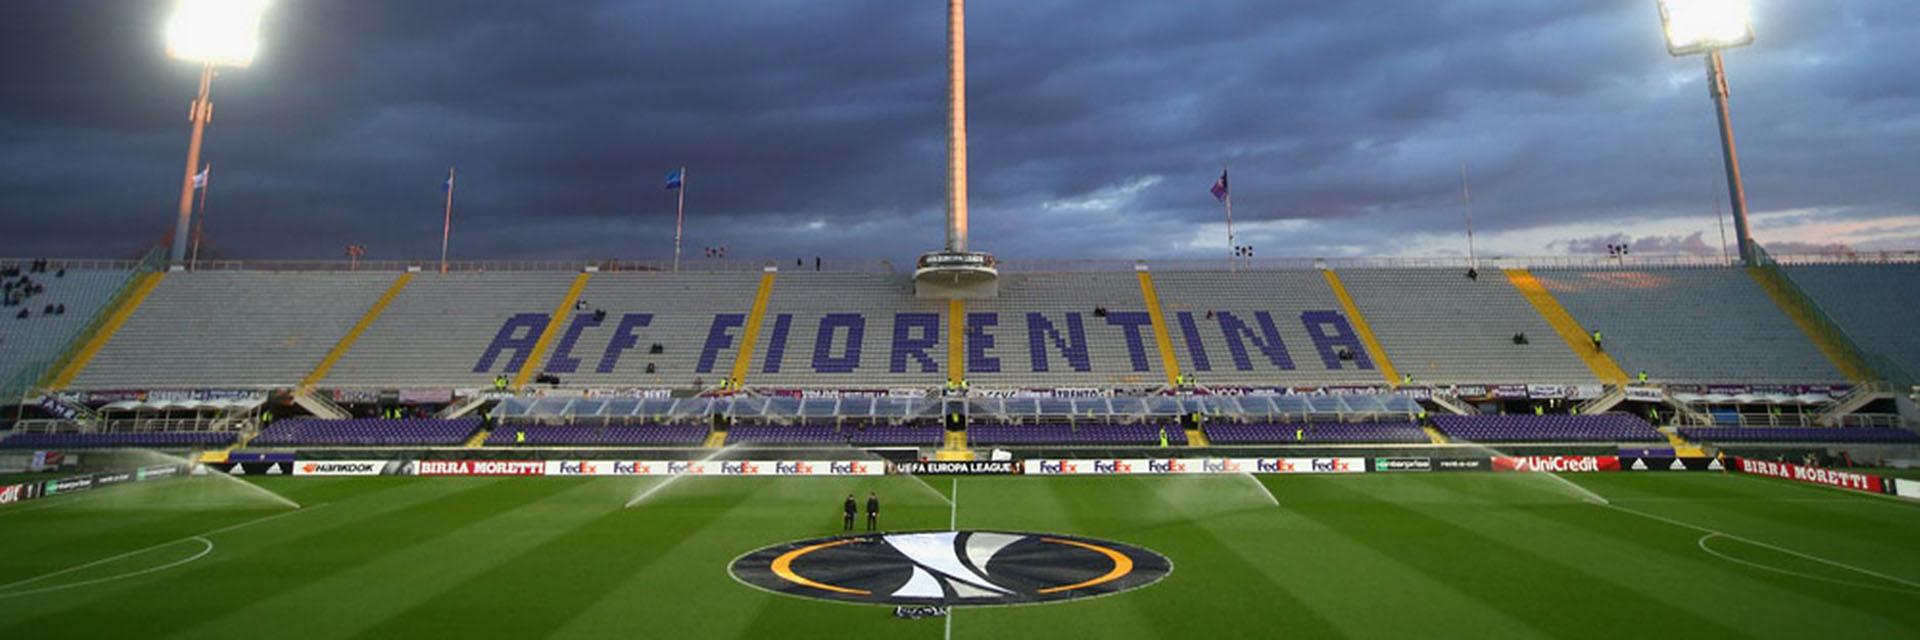 ACF Fiorentina - Lazio Roma, 0 oktoberom 20:45